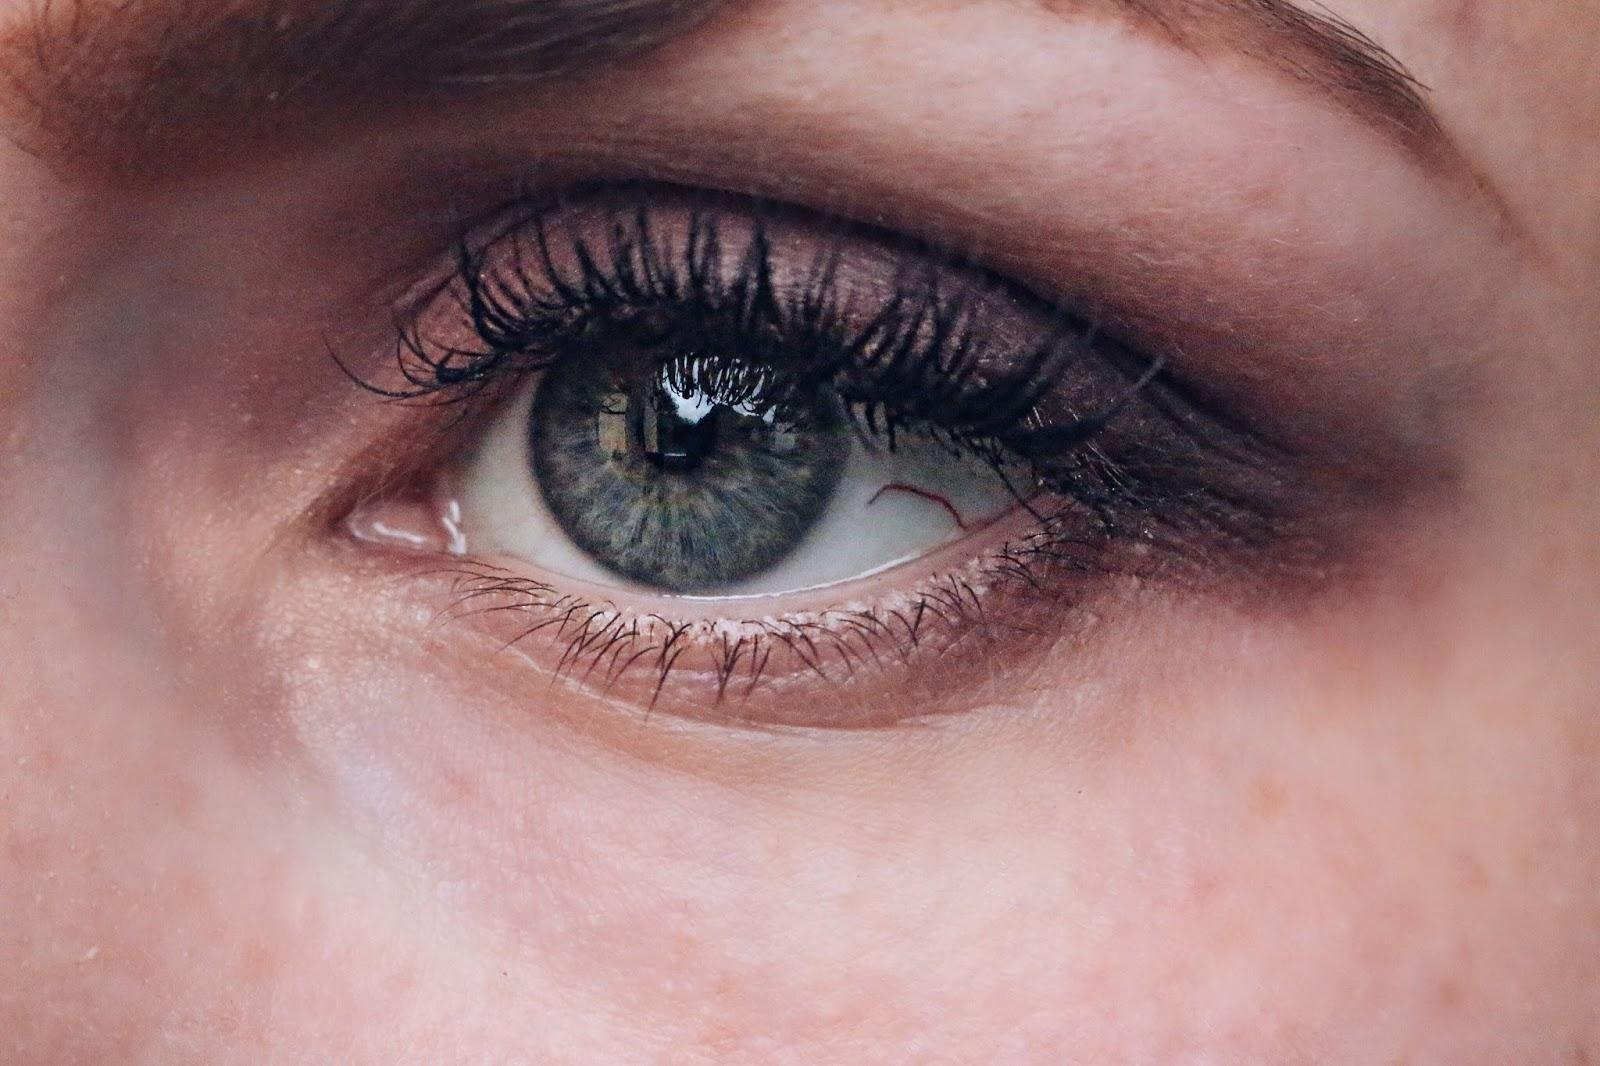 Anspruchsvoll Augen Make Up Schritt Für Schritt Galerie Von Im Nächsten Kümmere Ich Mich Um Das